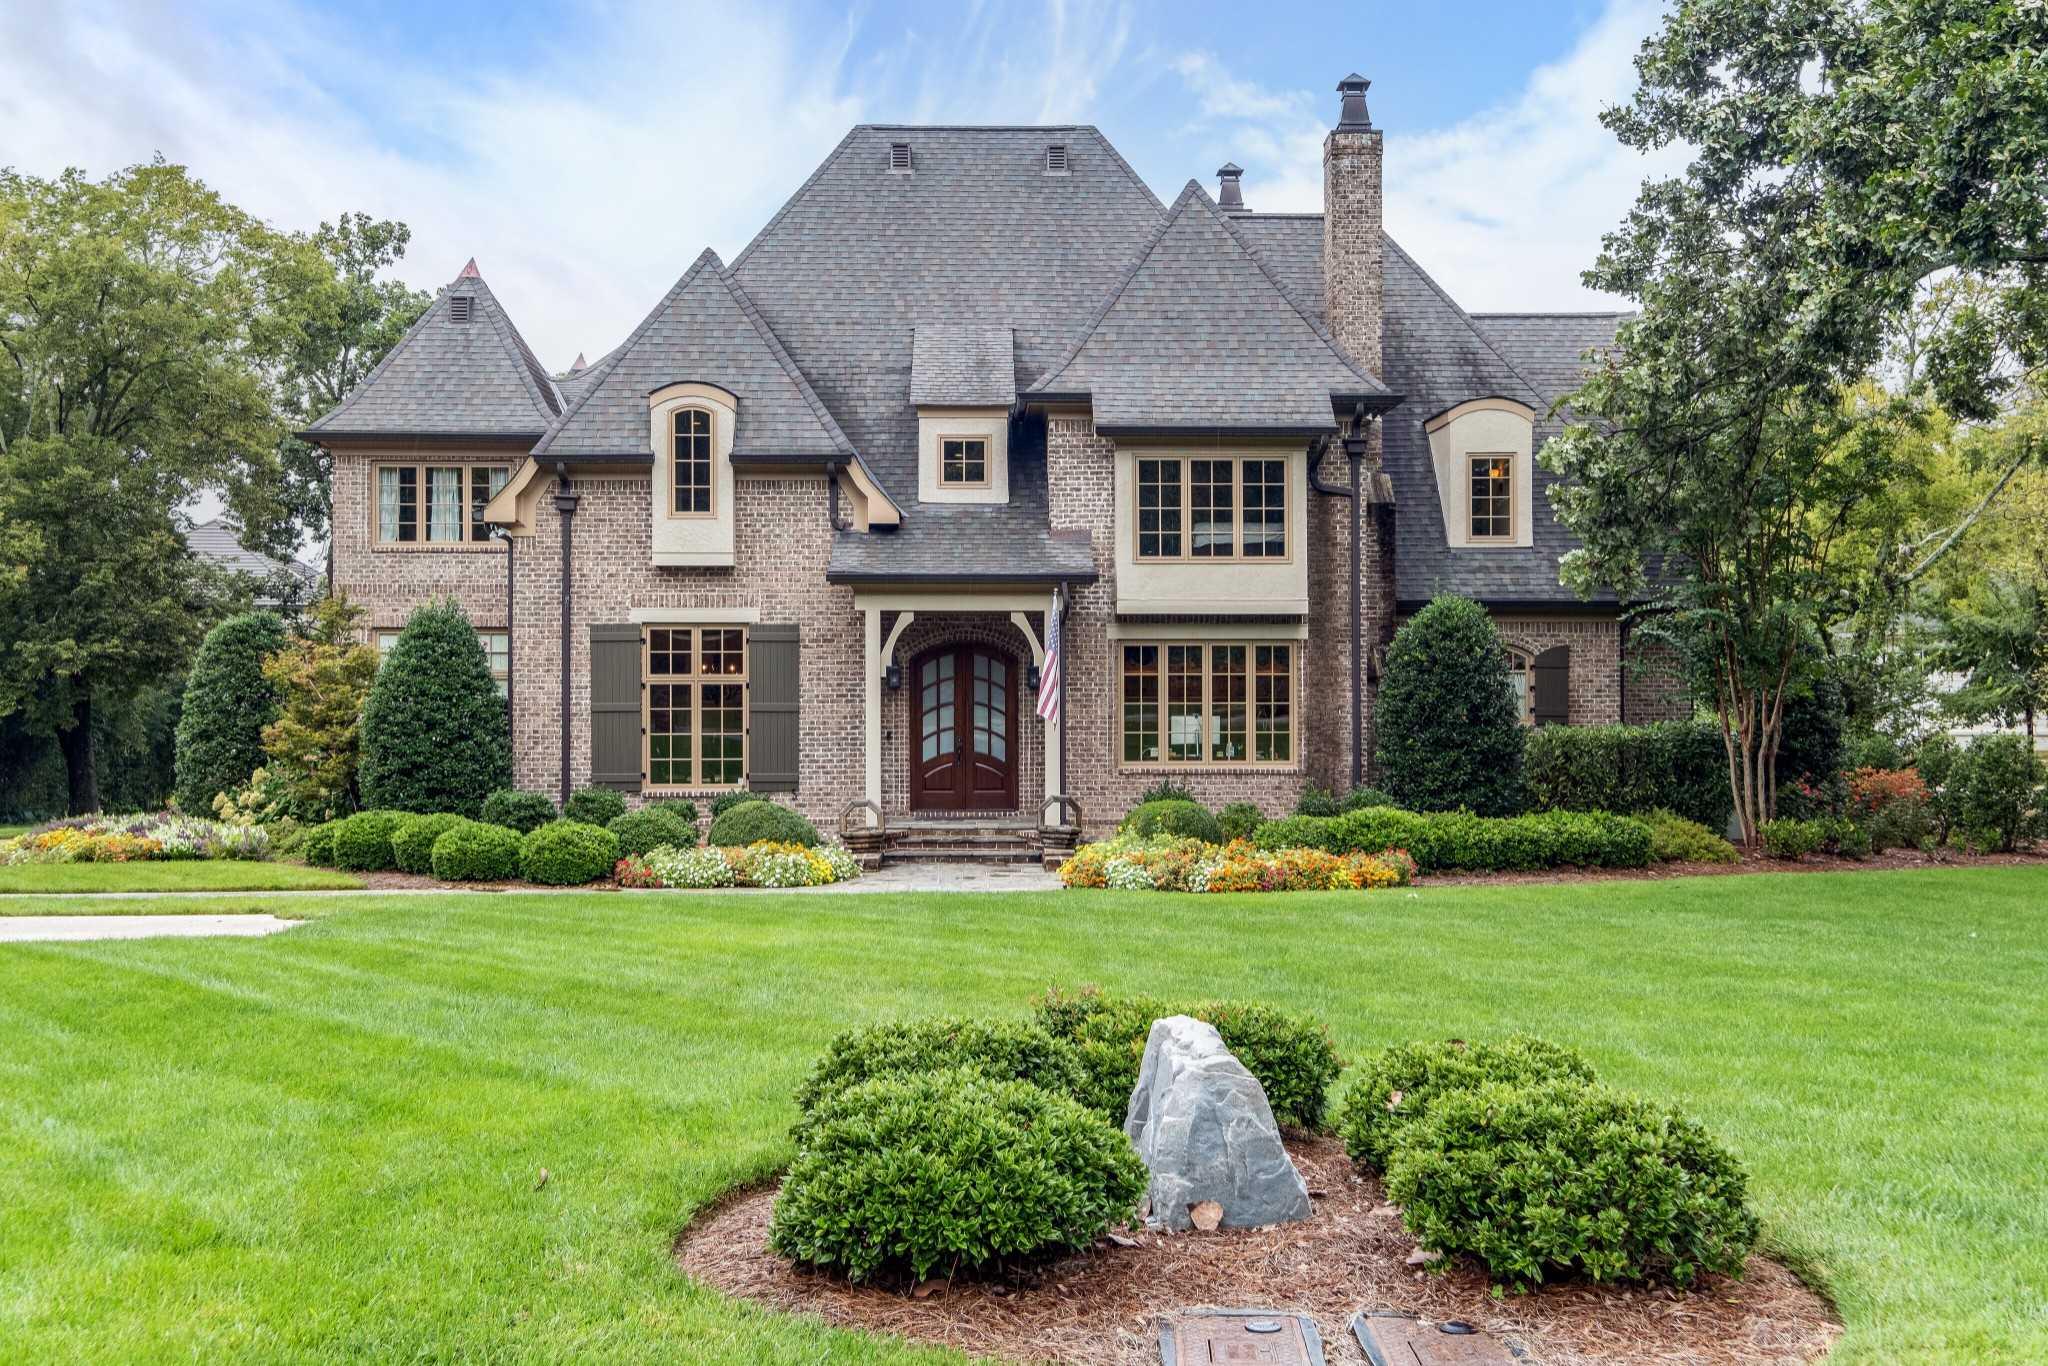 $2,850,000 - 5Br/8Ba -  for Sale in Esteswood Estates, Nashville